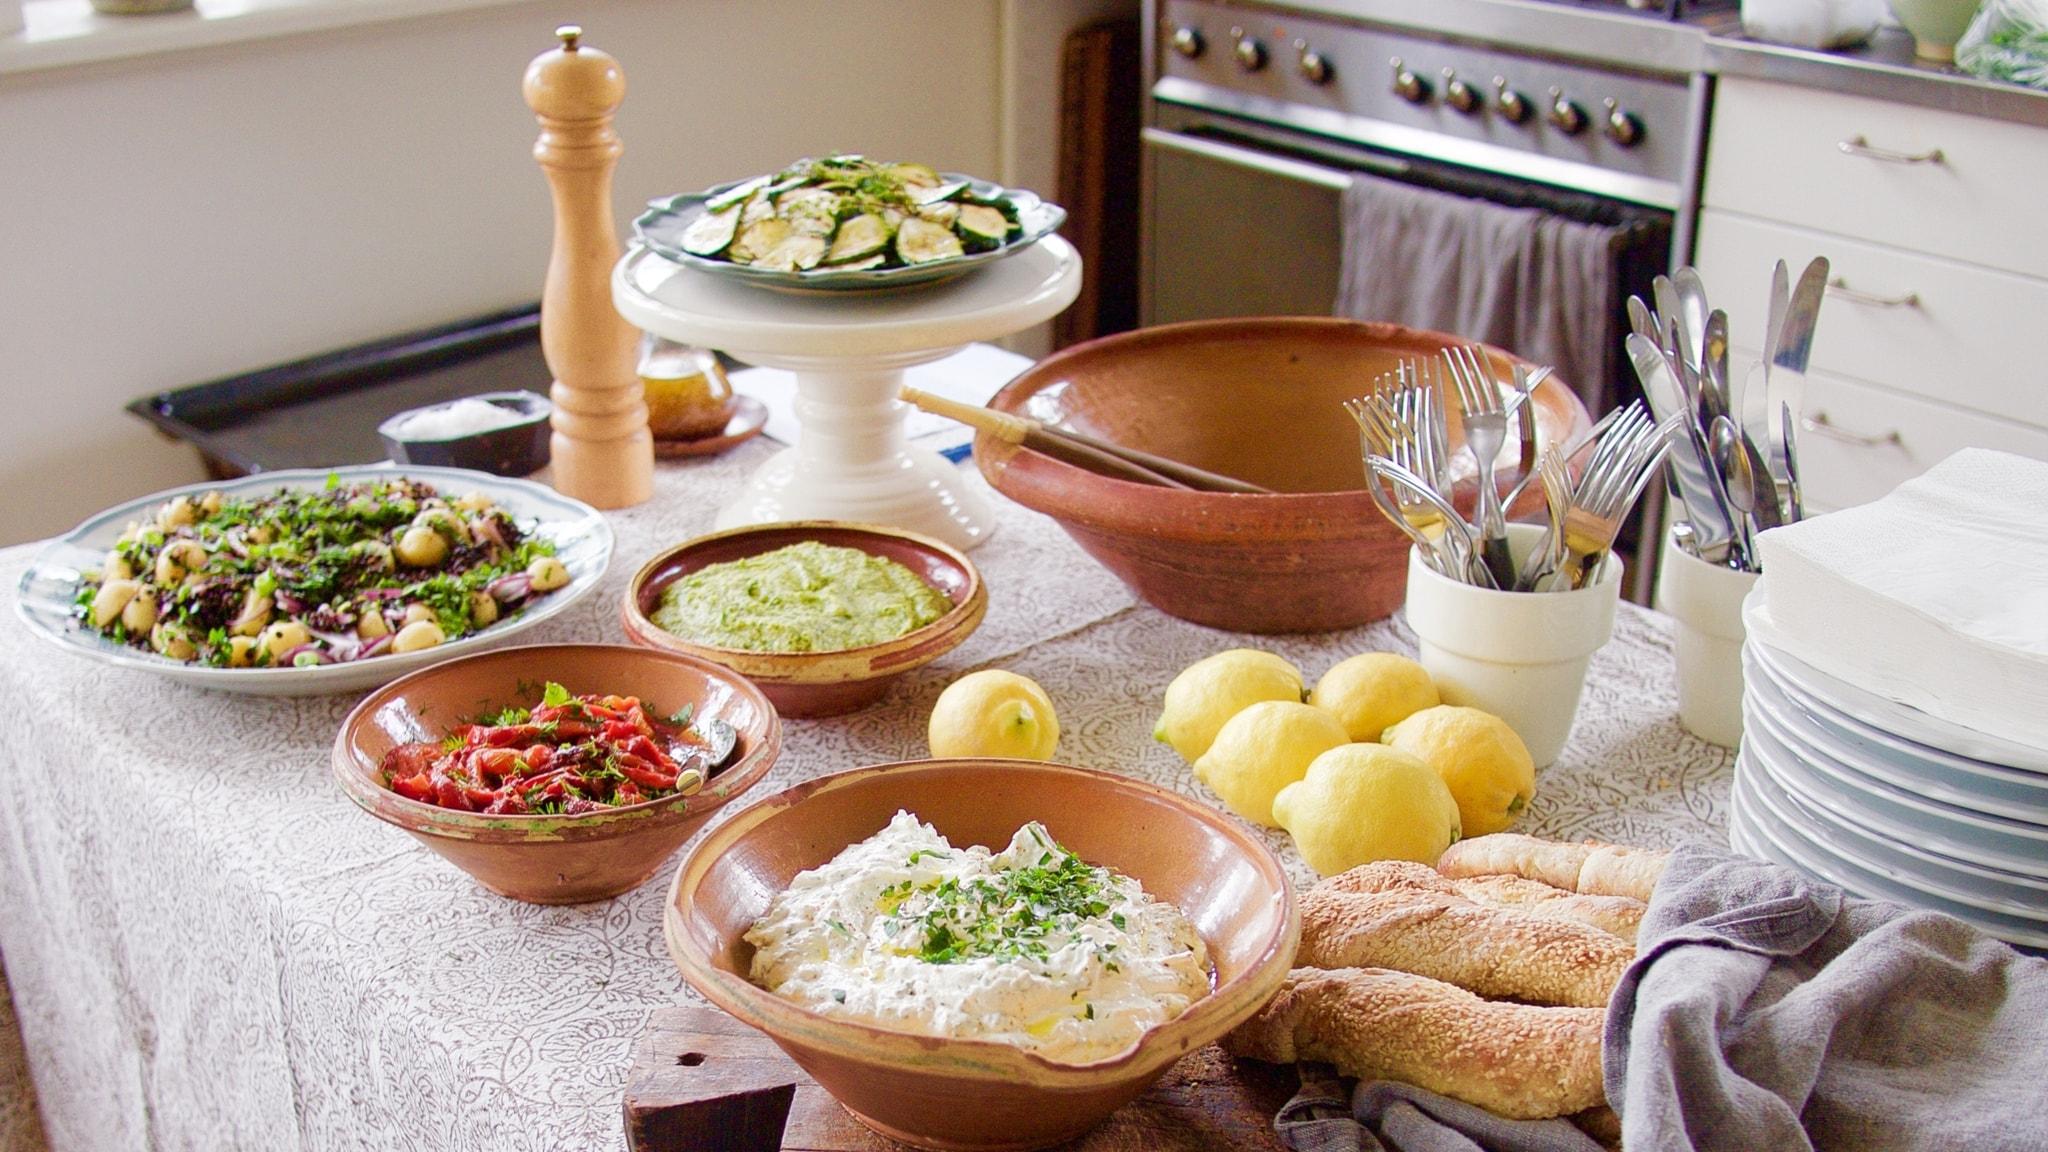 Del 6 - Säsongsavslut och sensommarfest